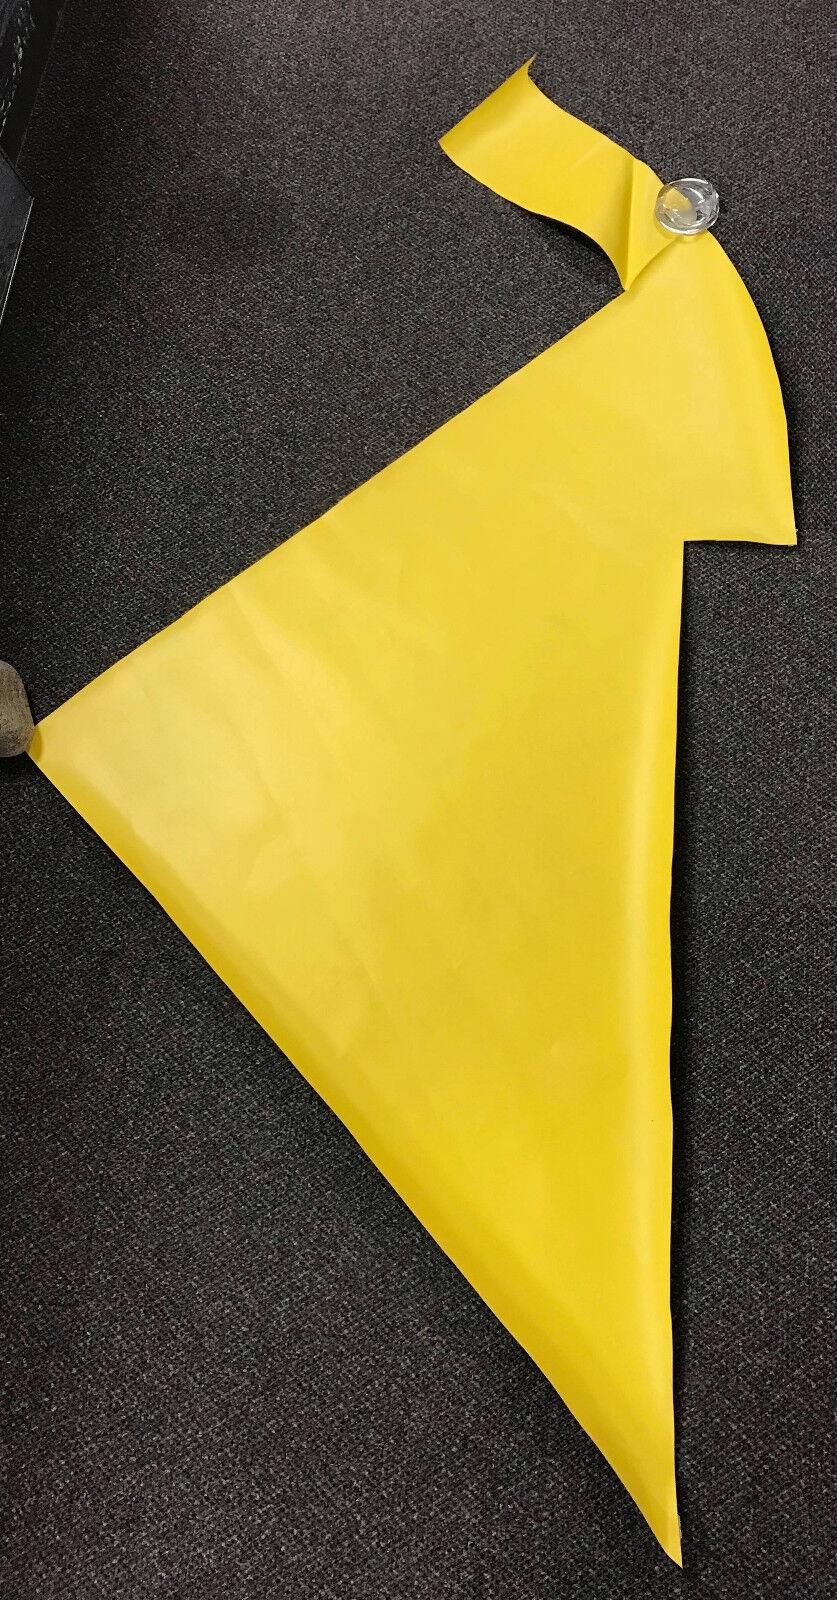 Yellow ORCA Dinghy 114cm x 116cm Repair Material Boat